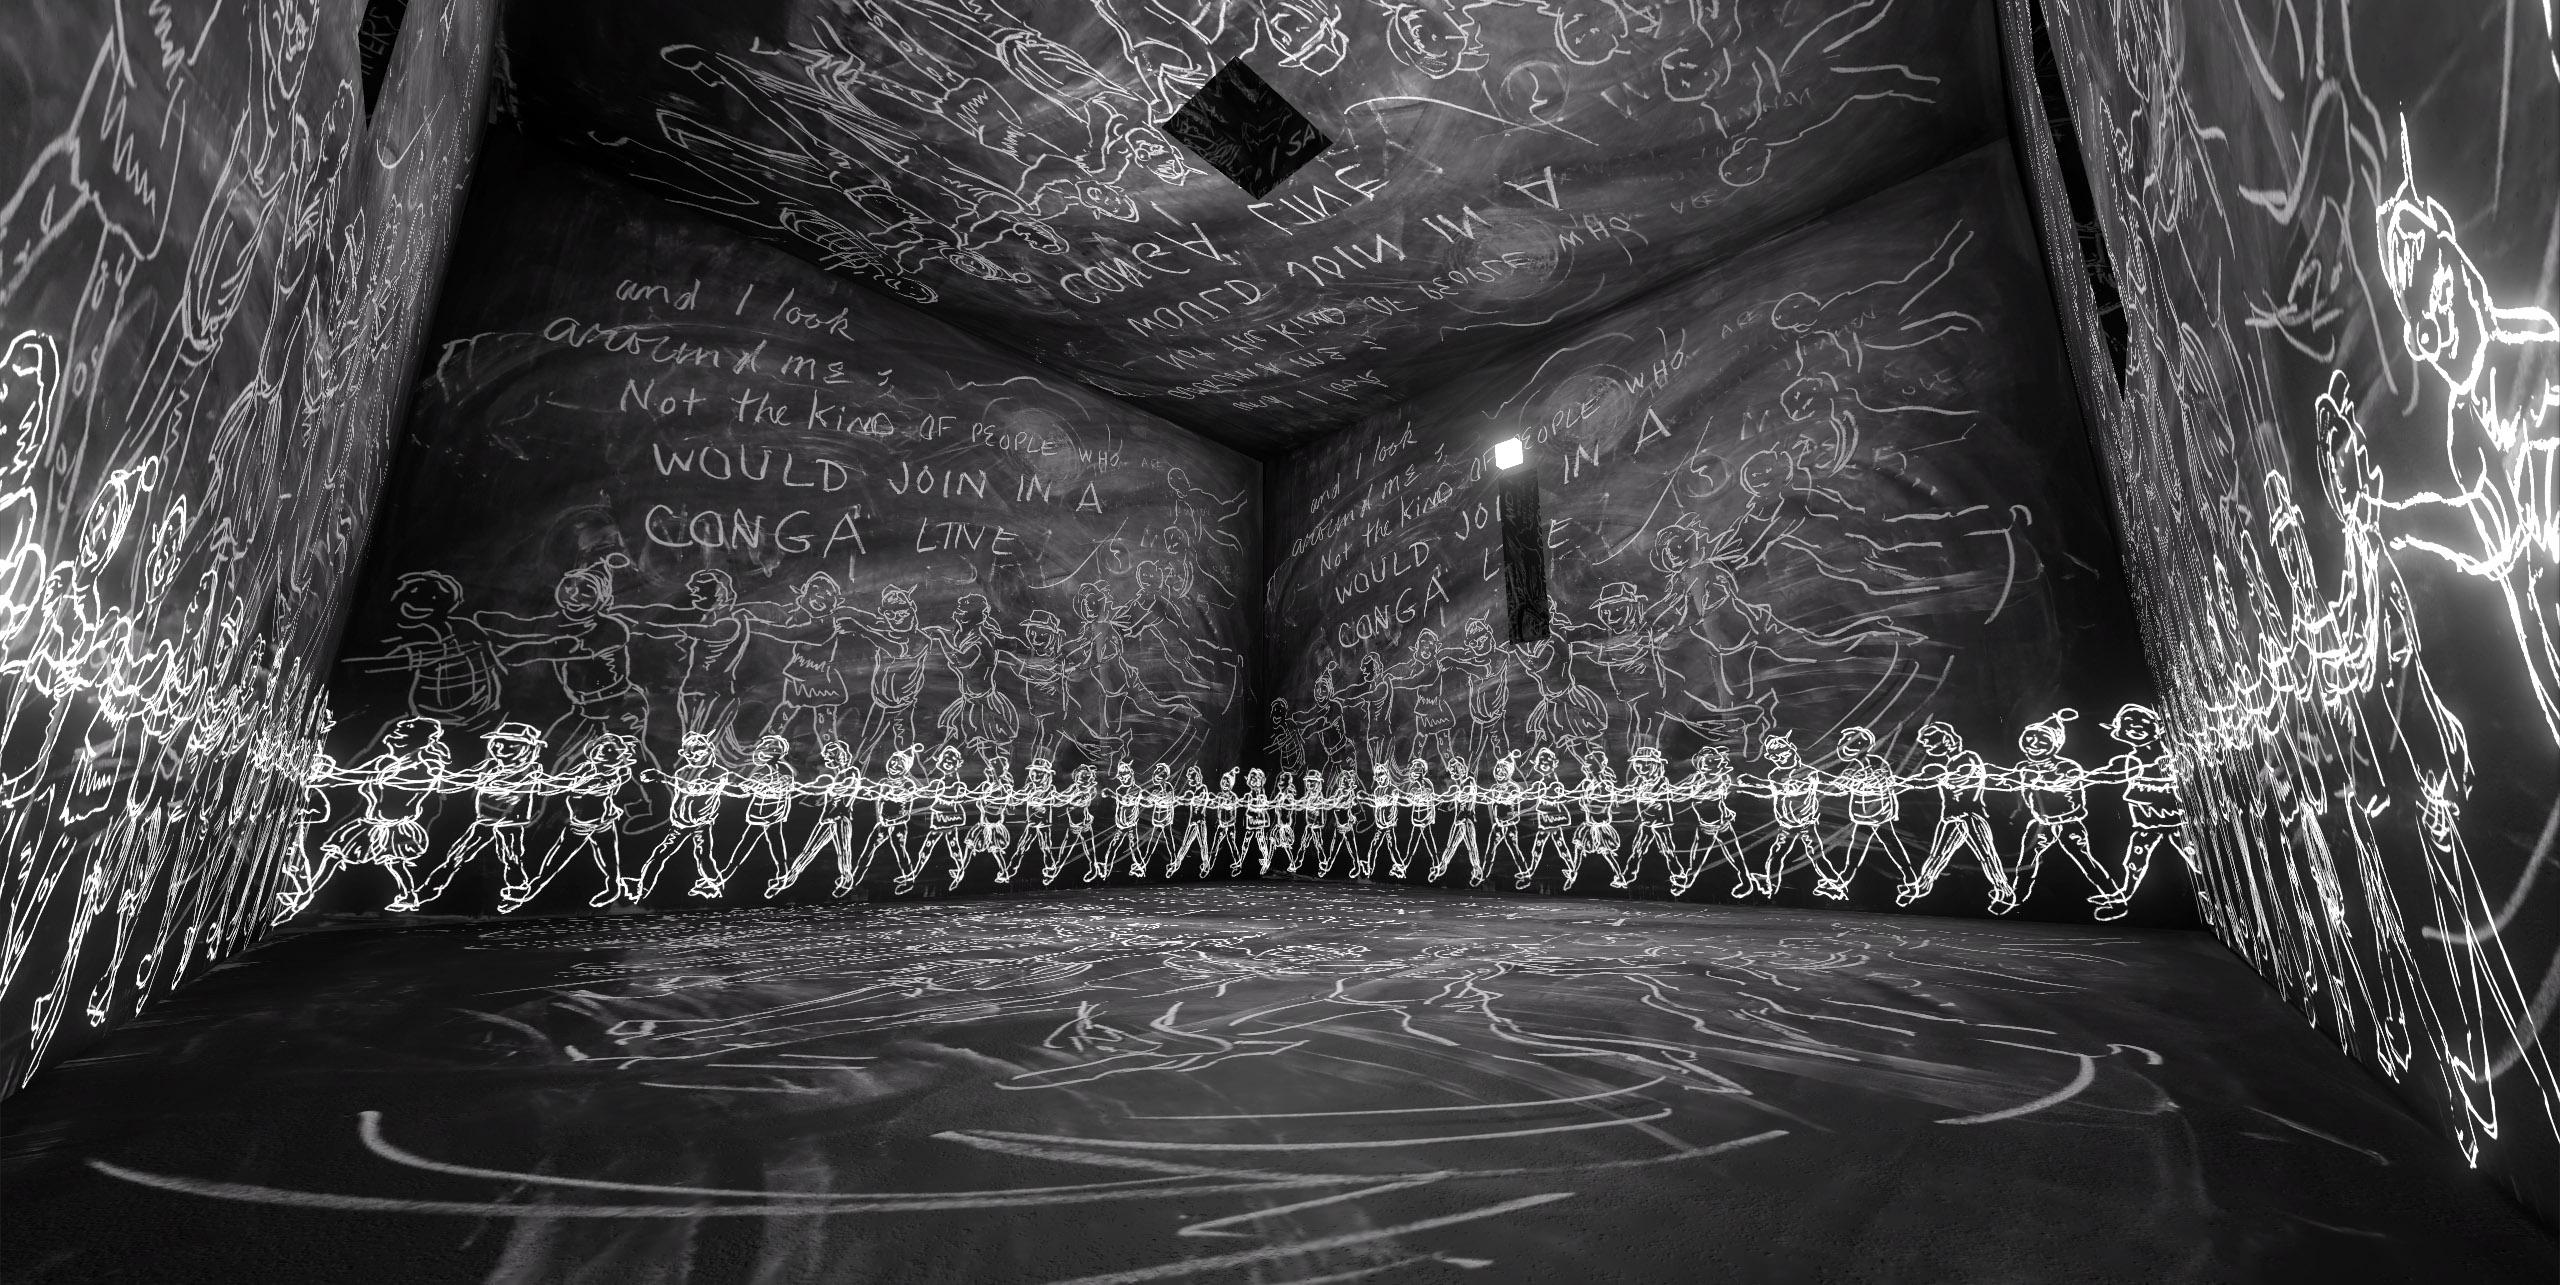 蘿瑞‧安德森+黃心健  | 沙中房間 虛擬實境頭戴裝置、手持控制器、電腦、虛擬實境影像, 2016 15分鐘